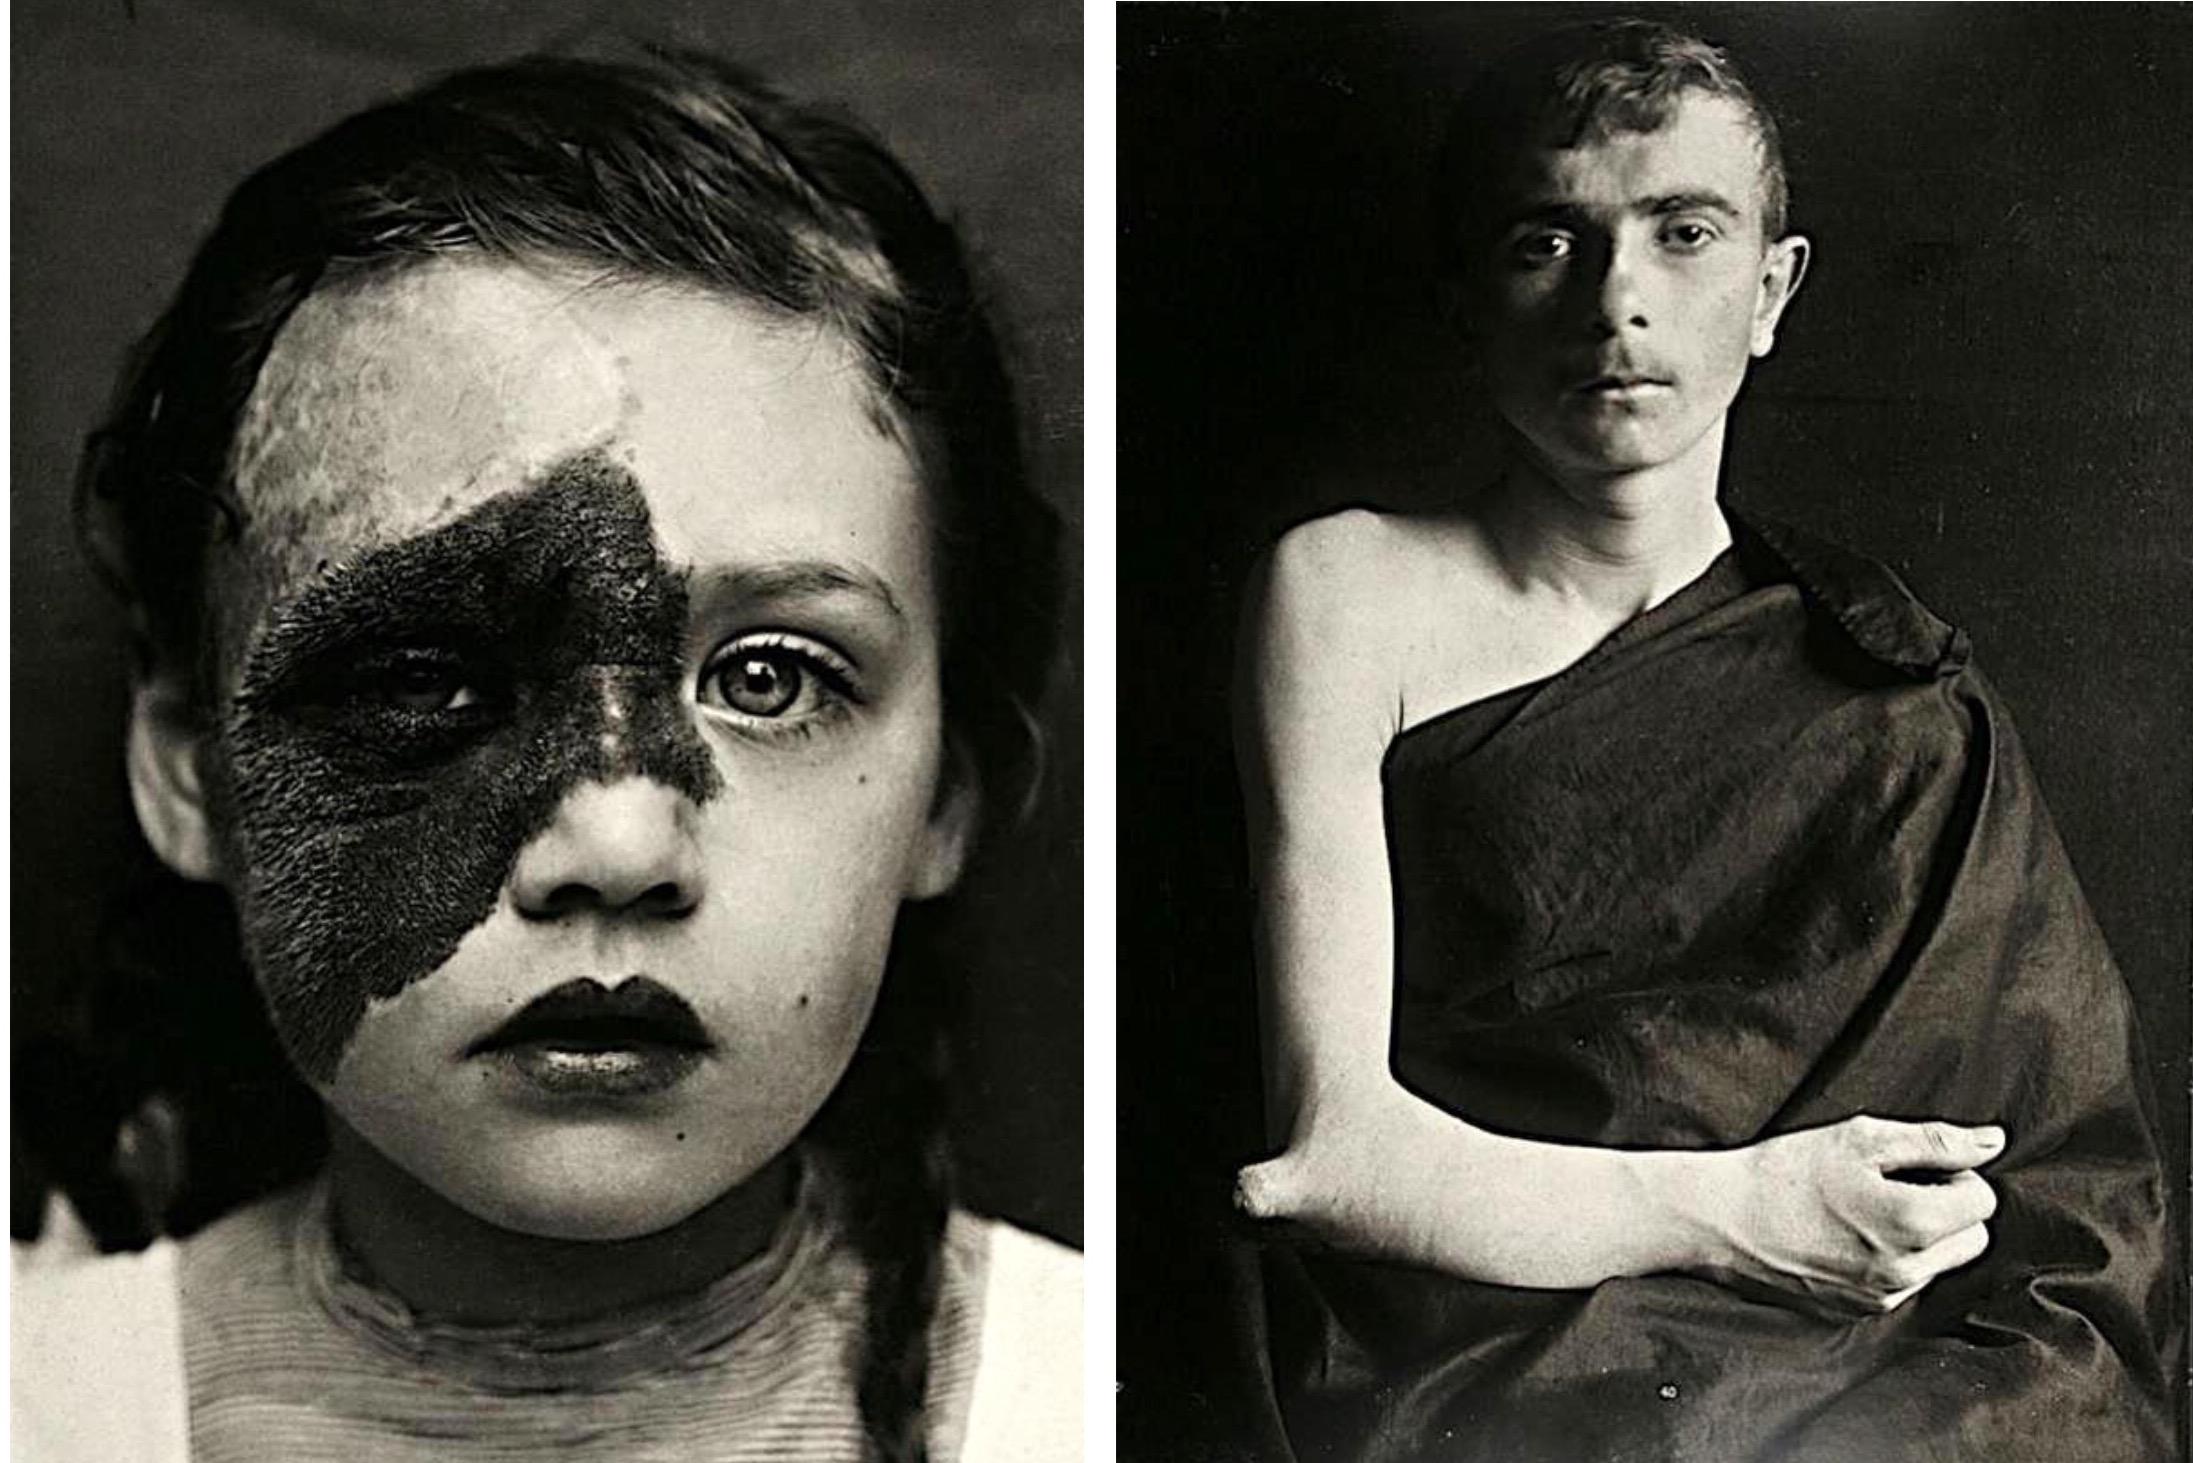 Портреты боли: поразительные фотографии пациентов из XIX века, страдающих от тяжких болезней фото